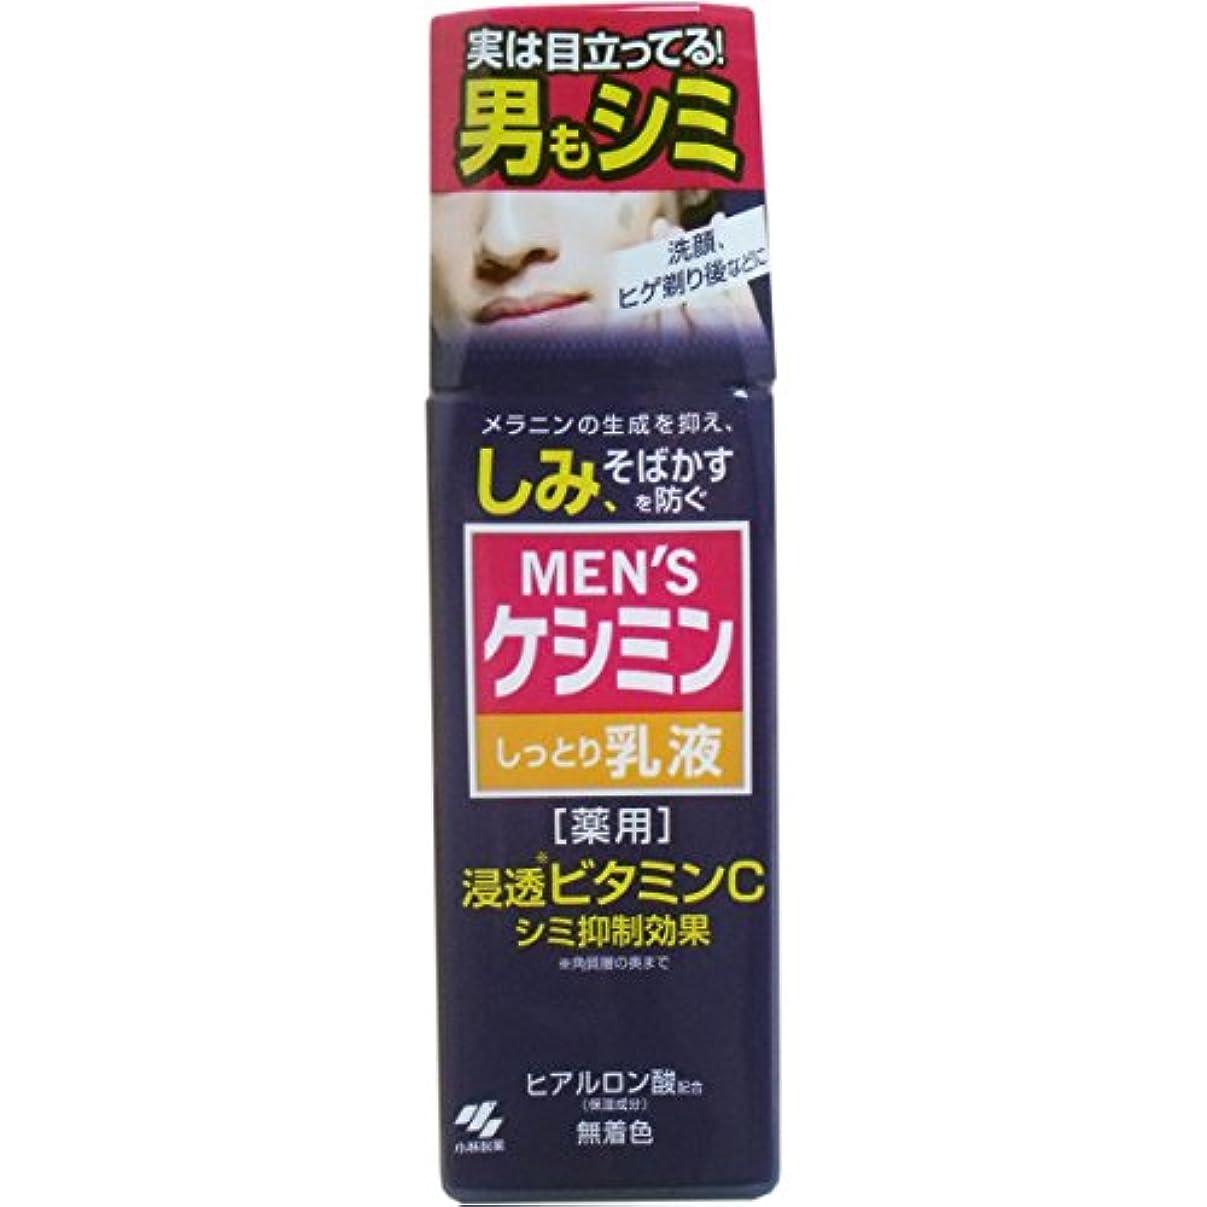 カーペット建築エイリアス【小林製薬】メンズケシミン乳液 110ml ×3個セット